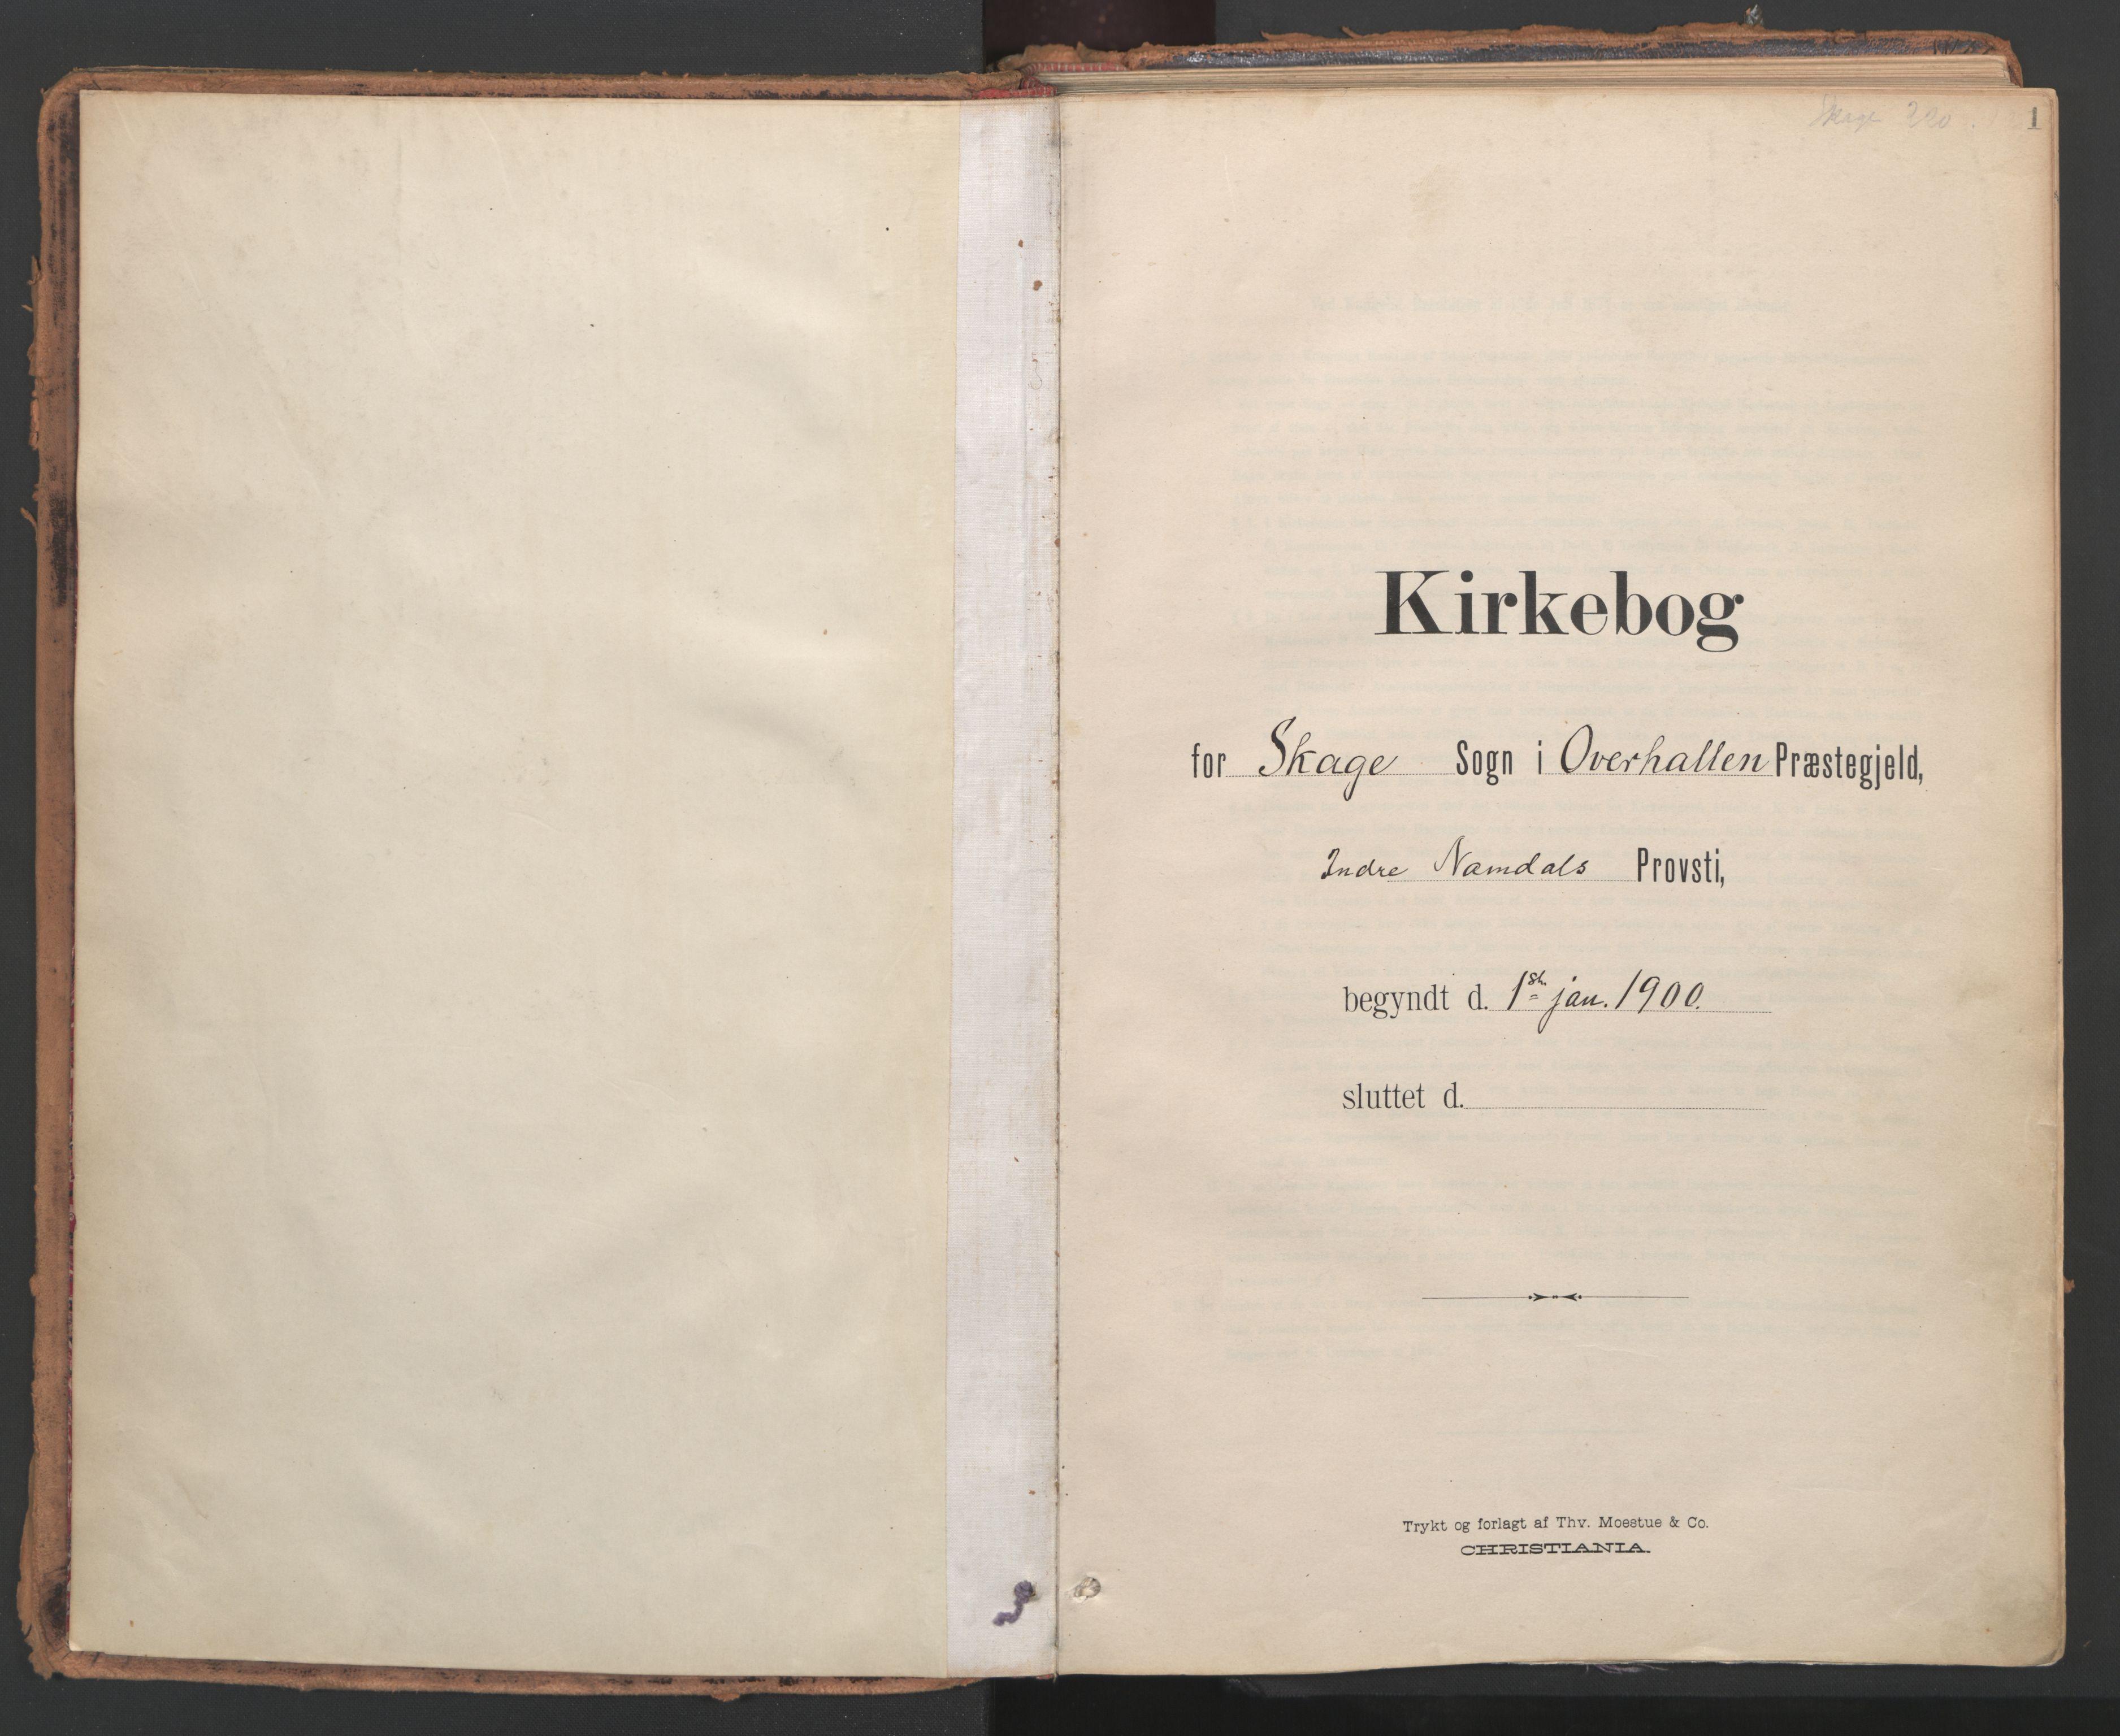 SAT, Ministerialprotokoller, klokkerbøker og fødselsregistre - Nord-Trøndelag, 766/L0564: Ministerialbok nr. 767A02, 1900-1932, s. 1